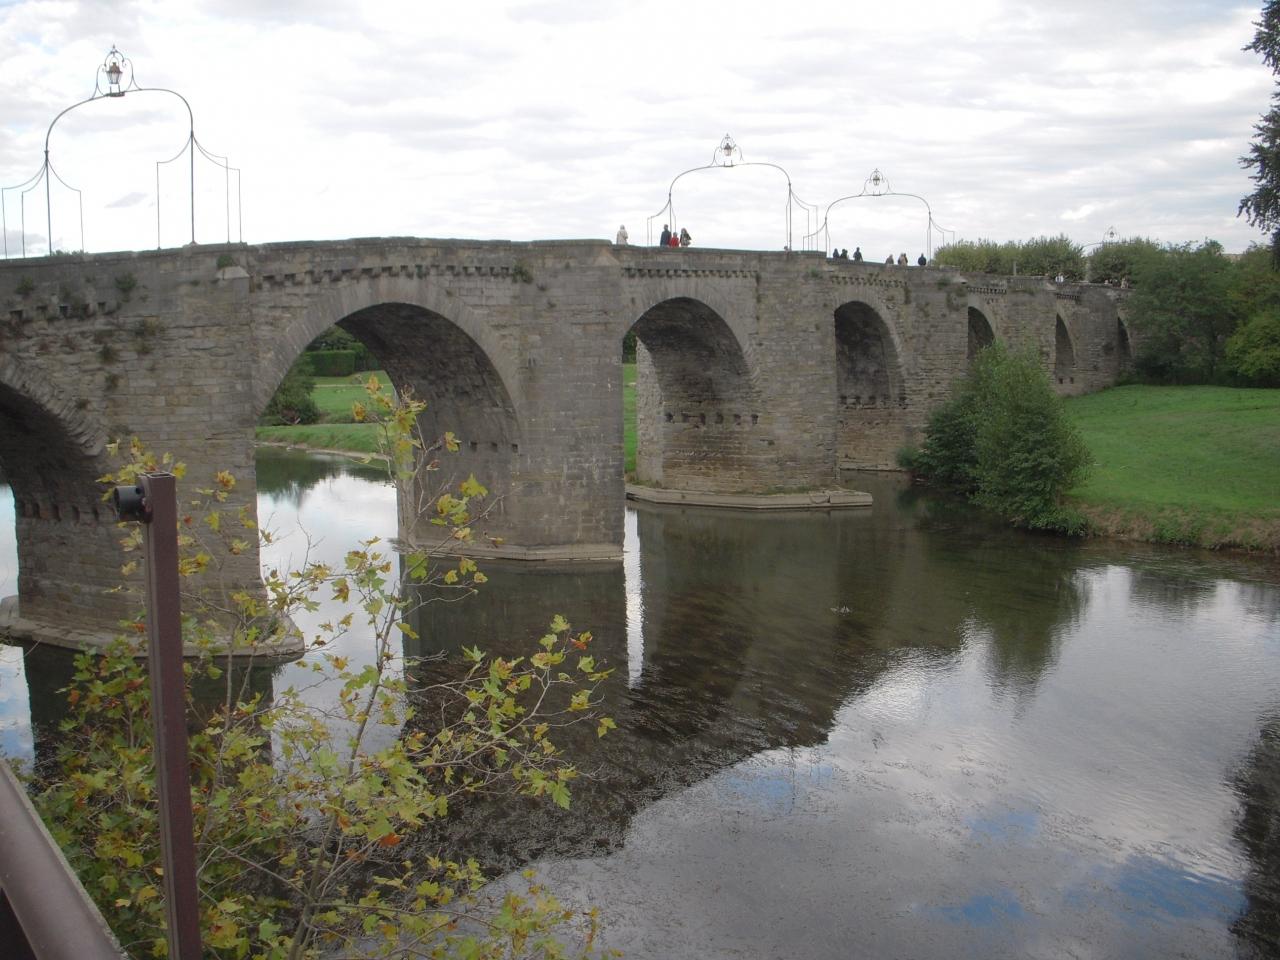 ミディ運河の画像 p1_13